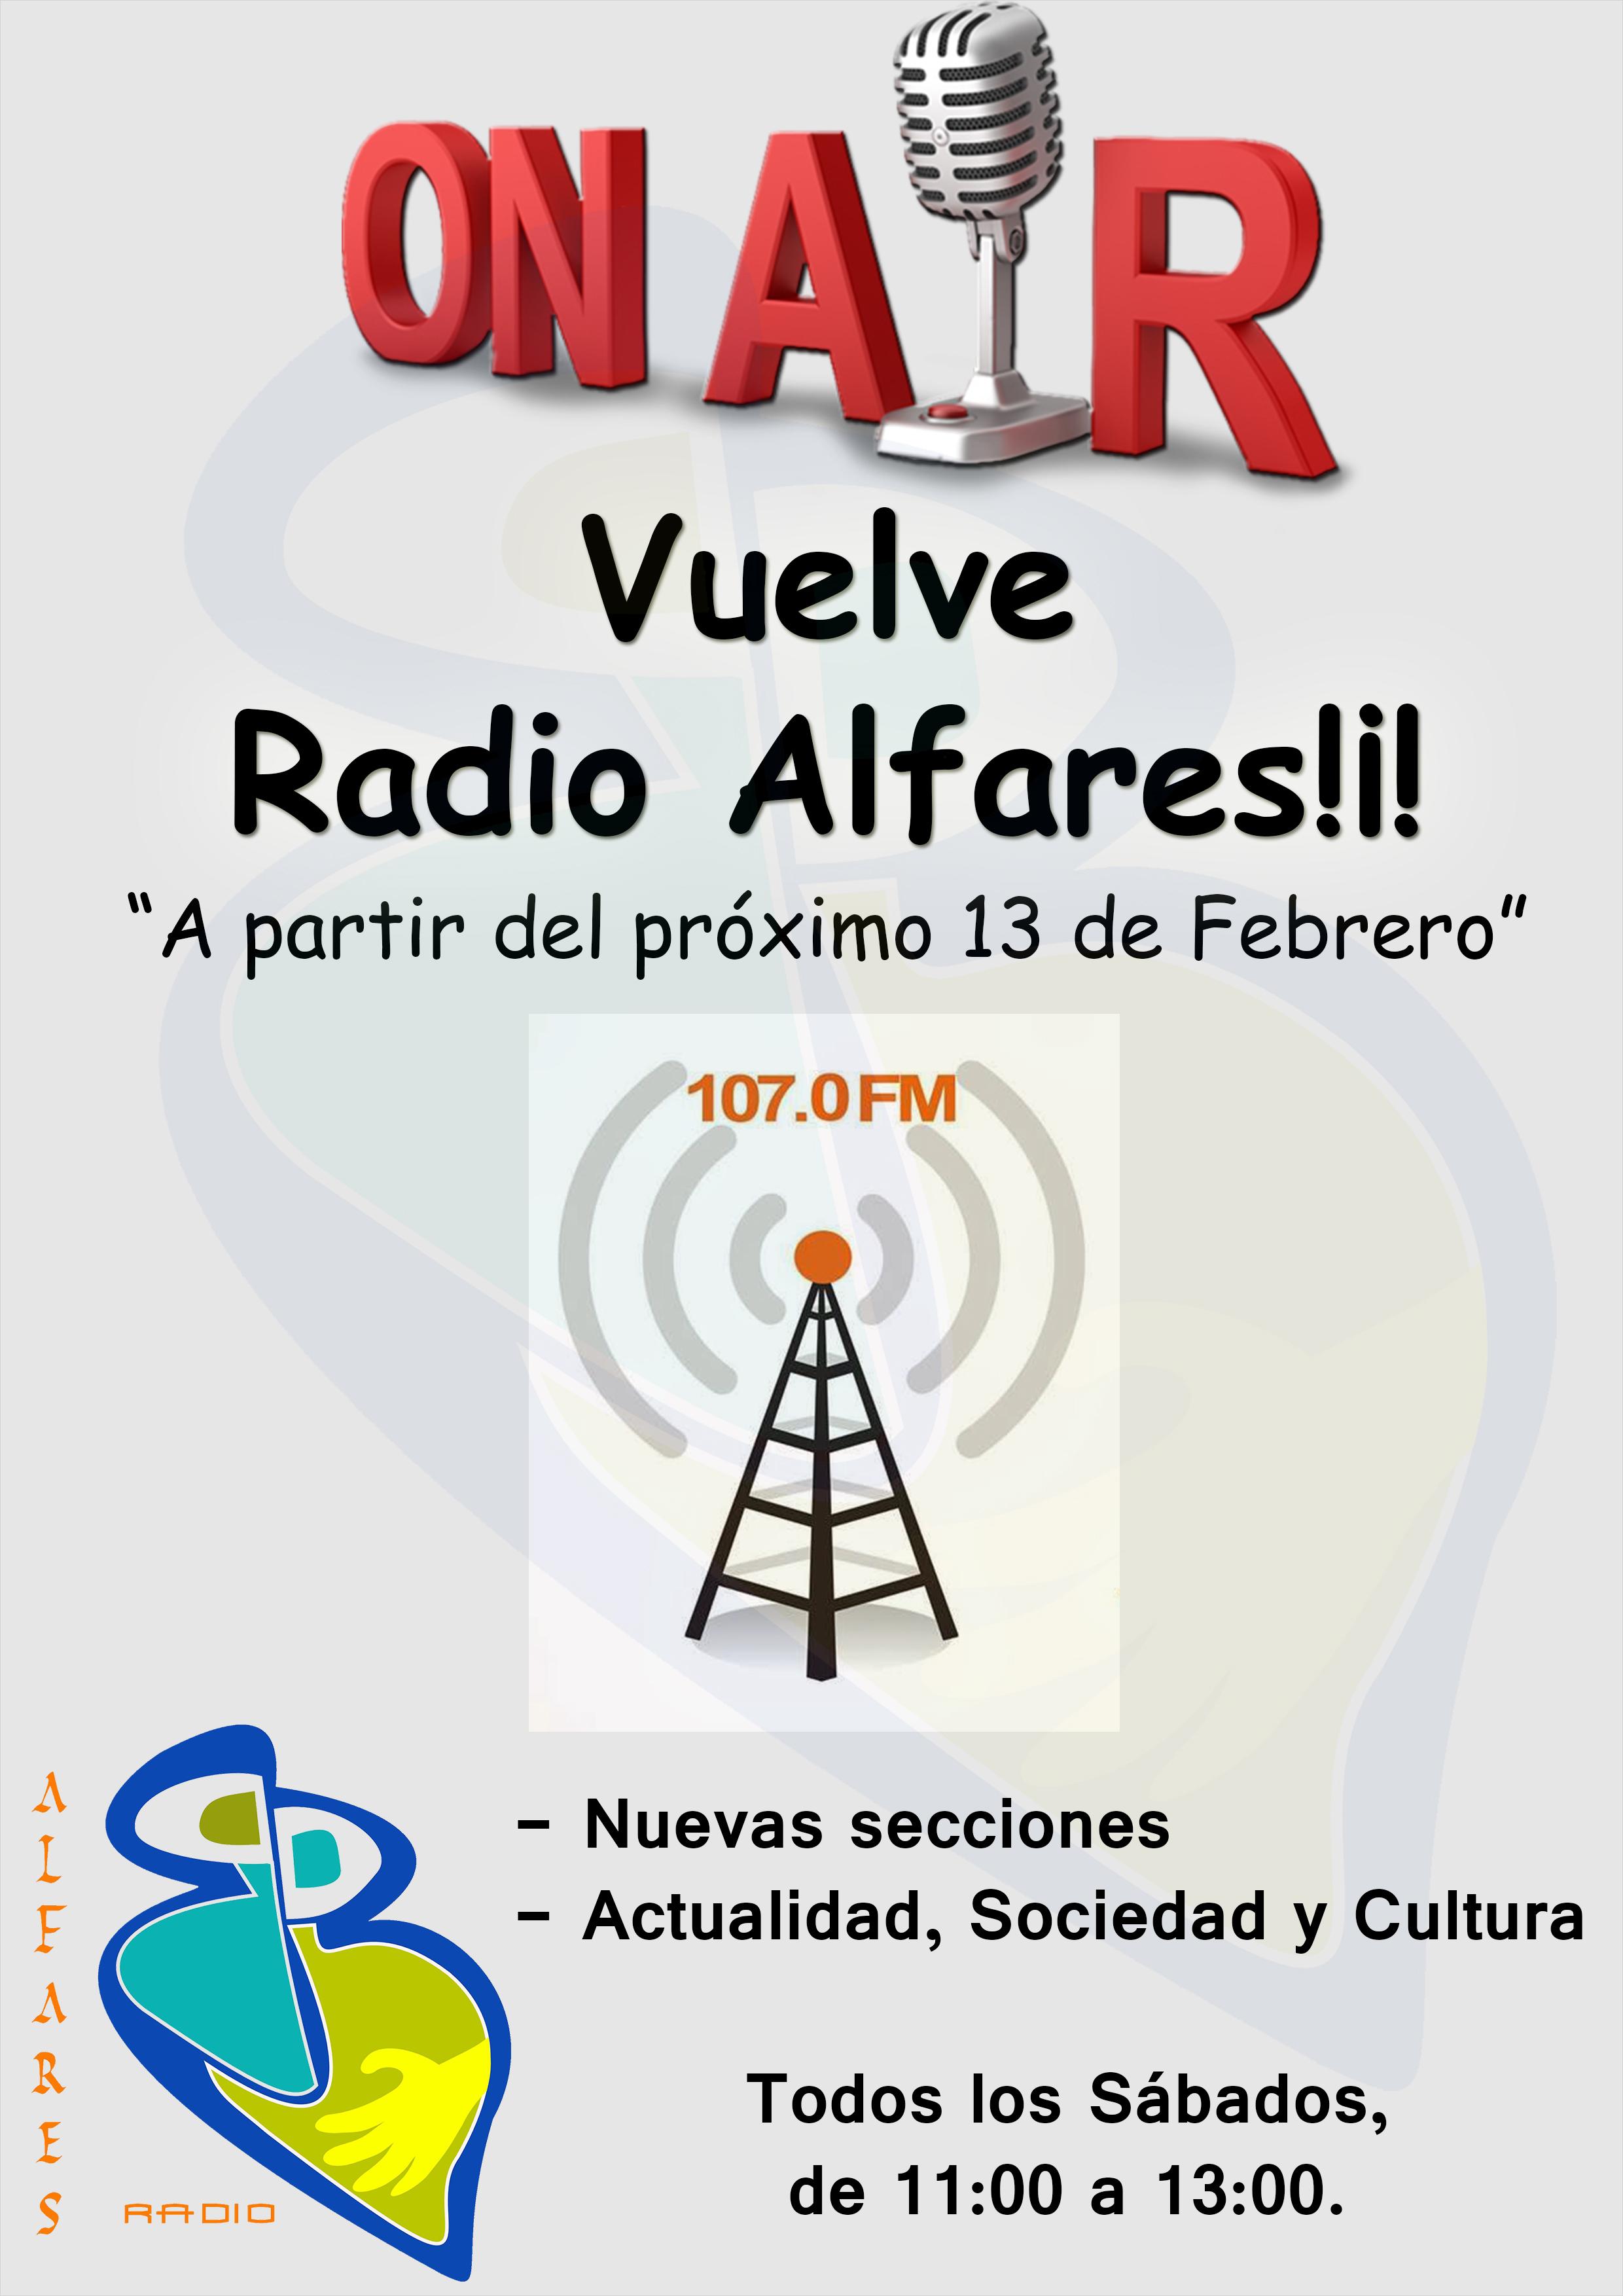 Este sábado vuelve Radio Alfares por la 107.0 FM